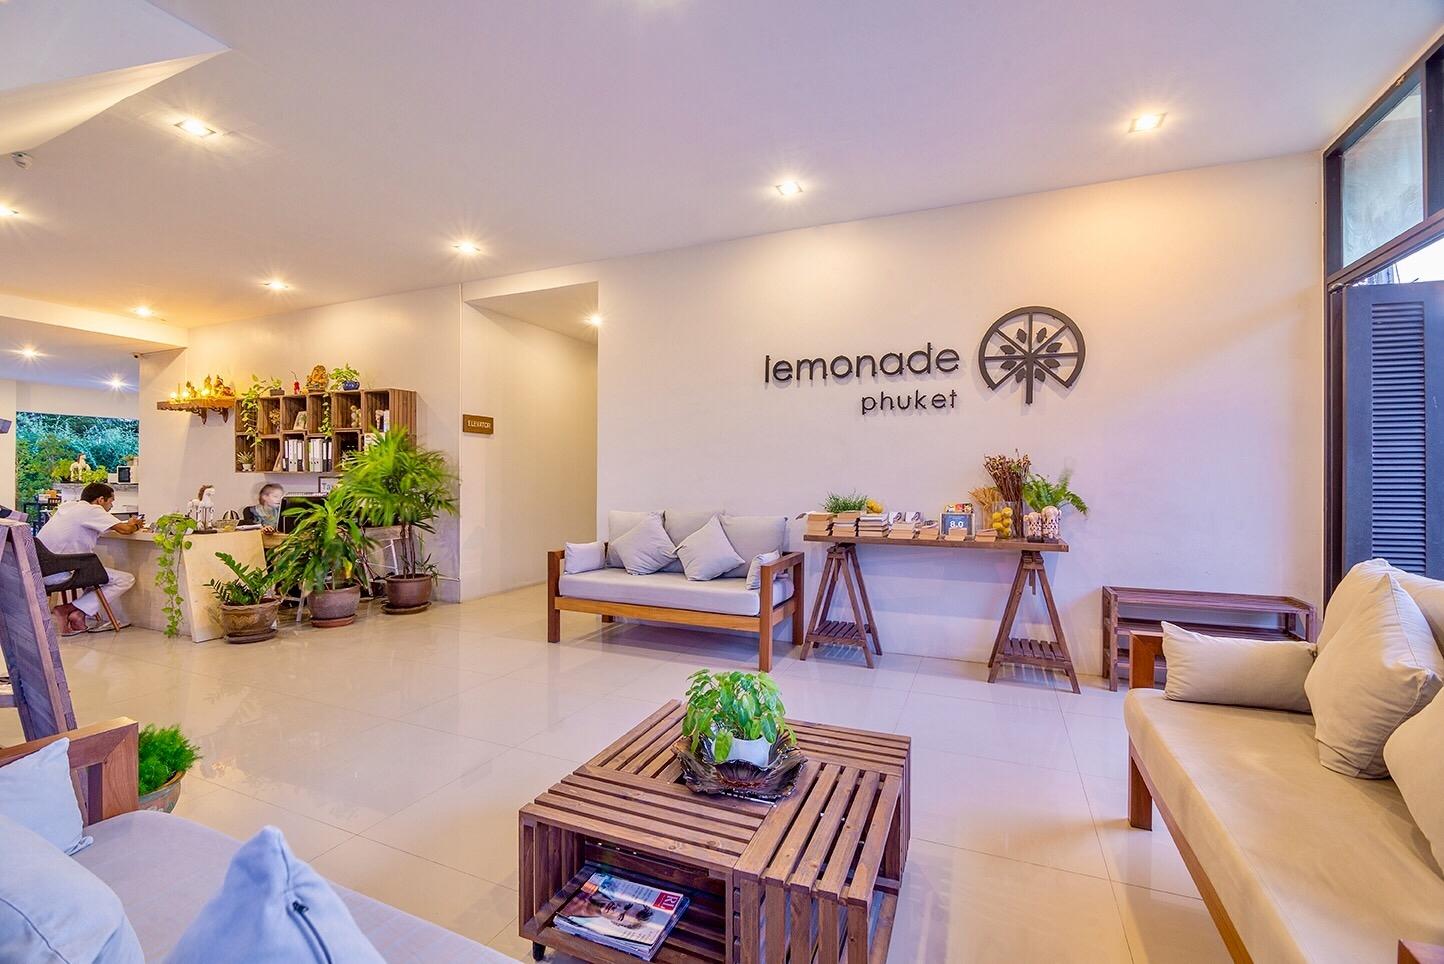 Lemonade Phuket Hotel - Image 5